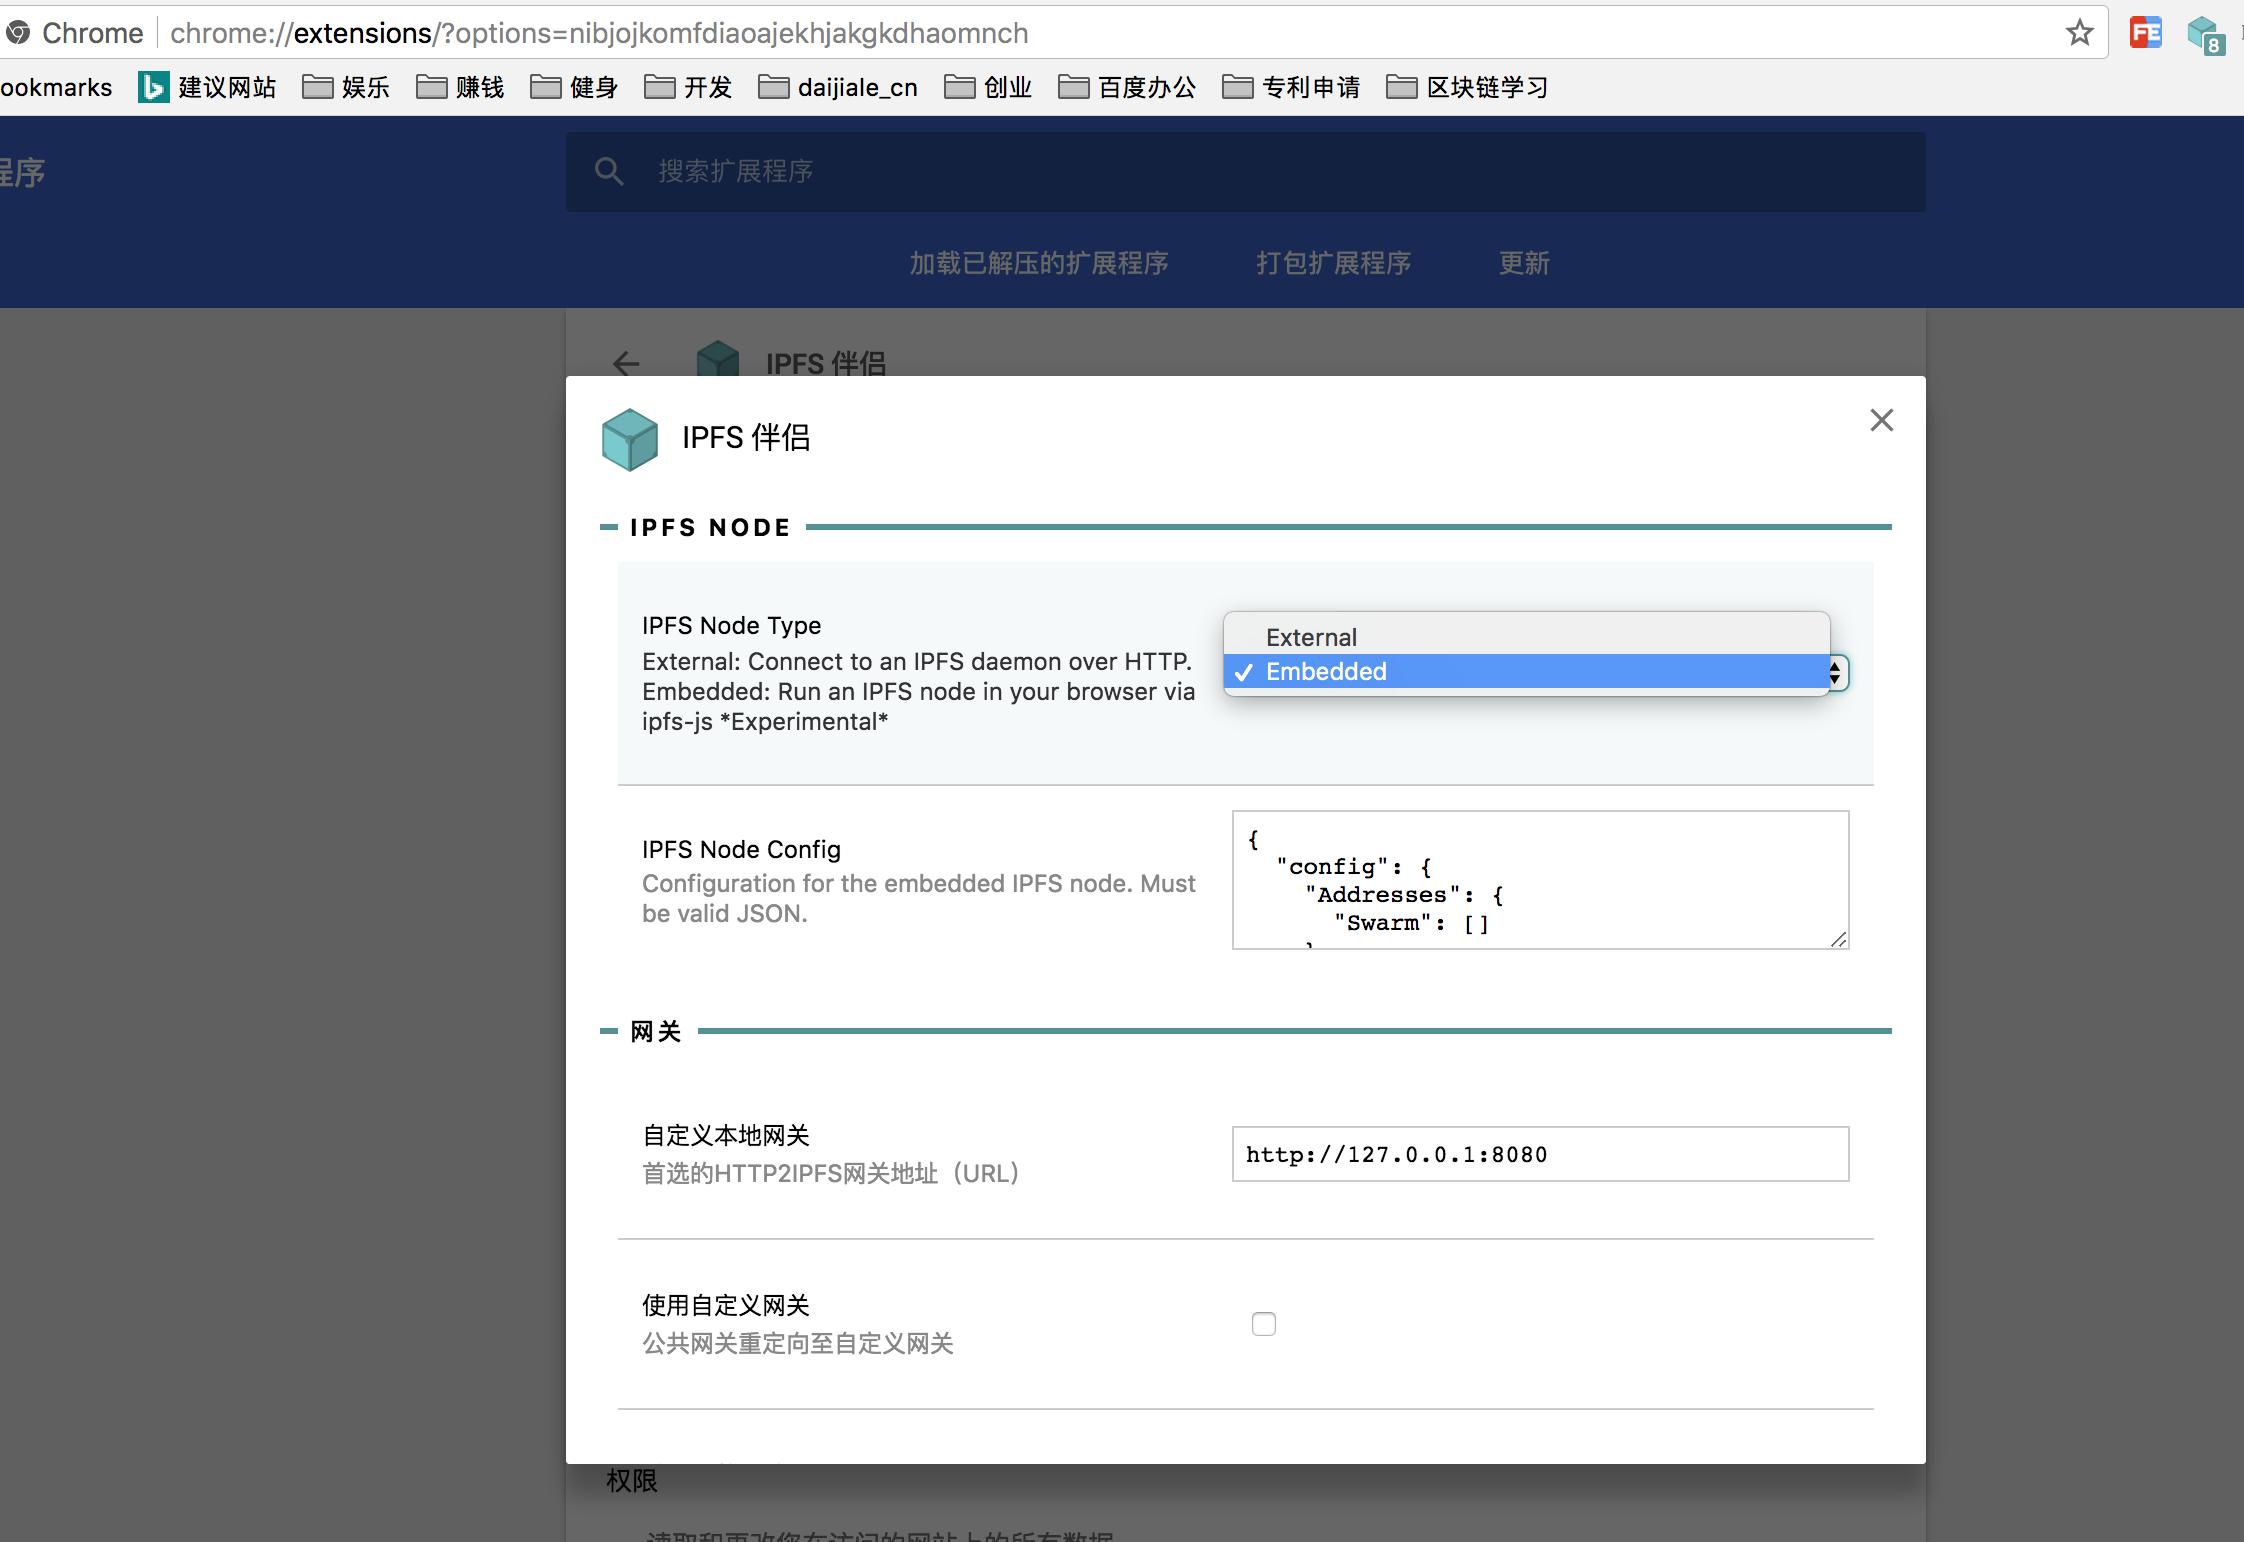 【应用】IPFS伴侣浏览器插件V2.2.0版本升级的重大意义